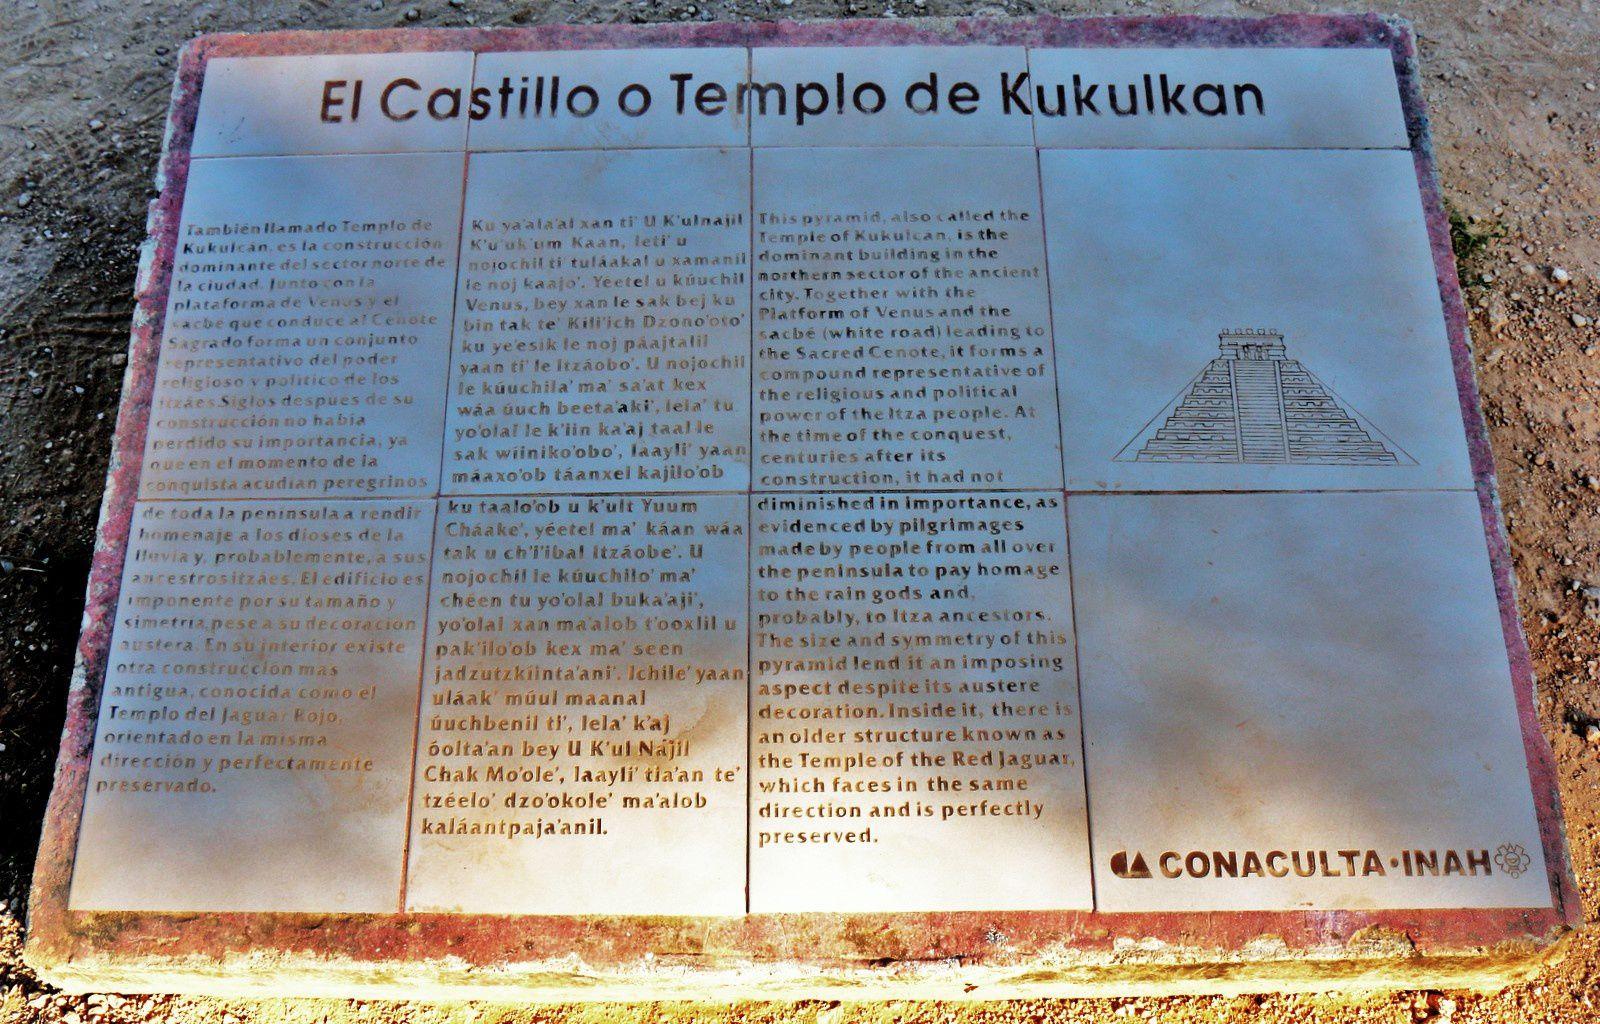 Pyramide de Kukulcán (El Castillo), Chichen Itza (Mexique)